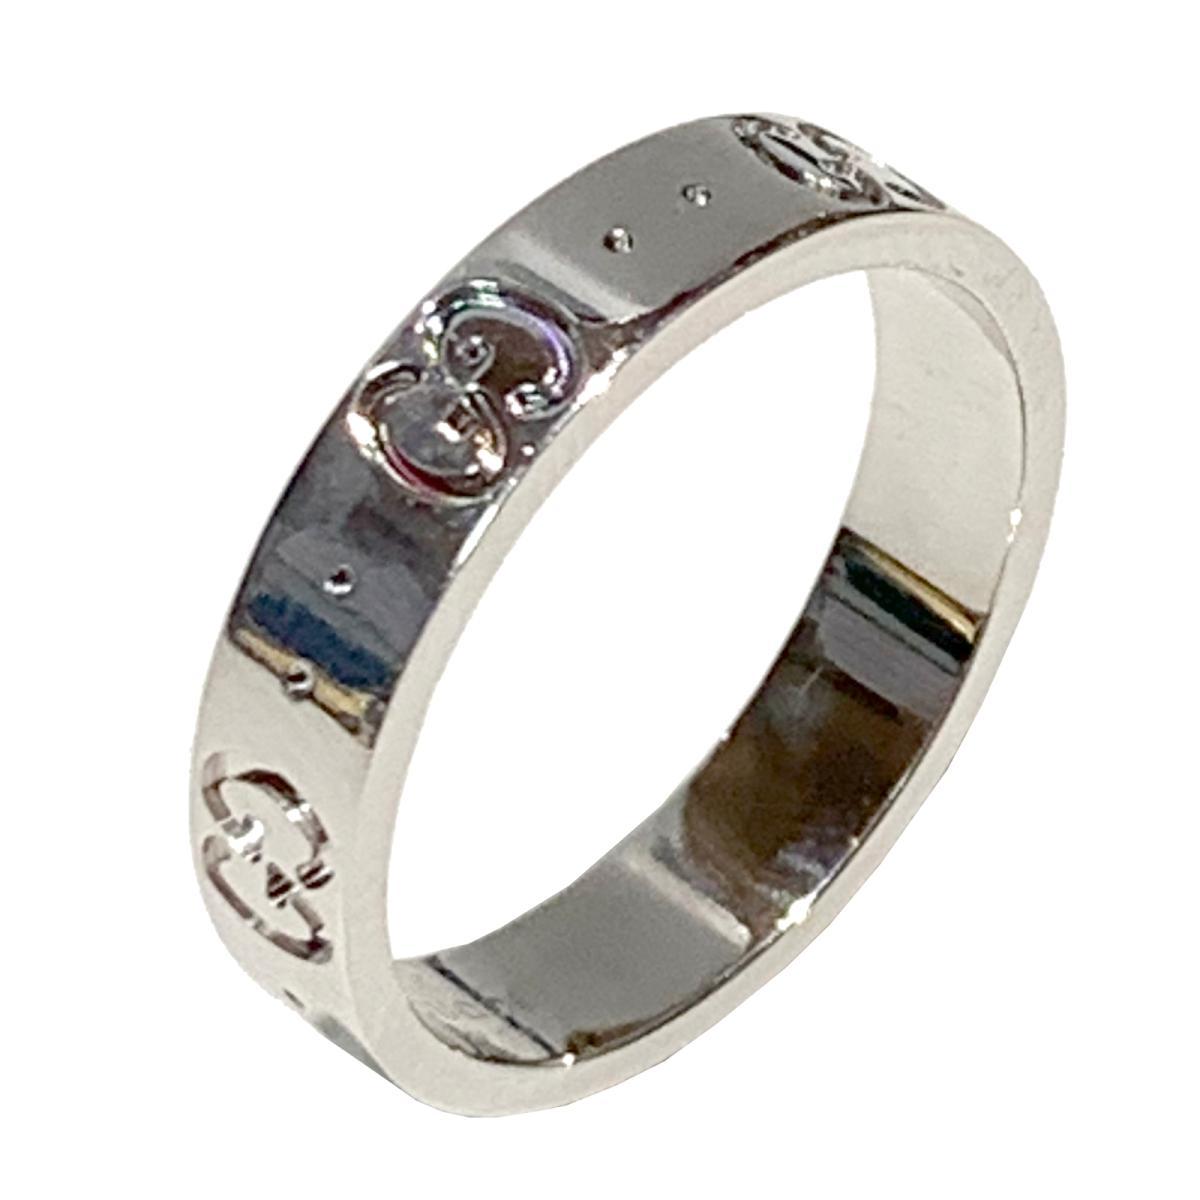 【中古】 グッチ アイコン リング 指輪 メンズ レディース K18WG (750) ホワイトゴールド シルバー | GUCCI BRANDOFF ブランドオフ ブランド ジュエリー アクセサリー